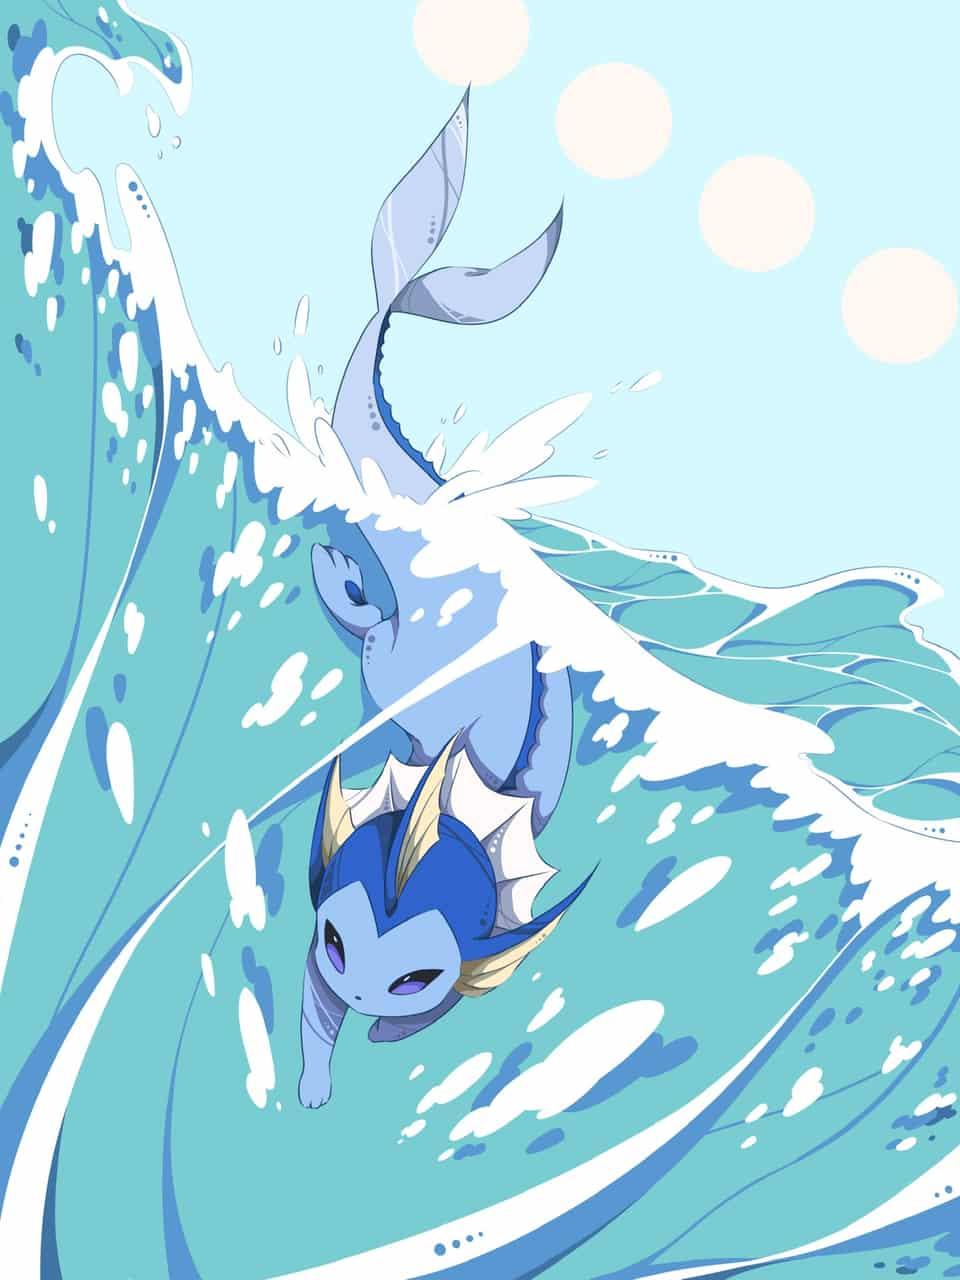 シャワーズ Illust of 彩平 pokemon Vaporeon